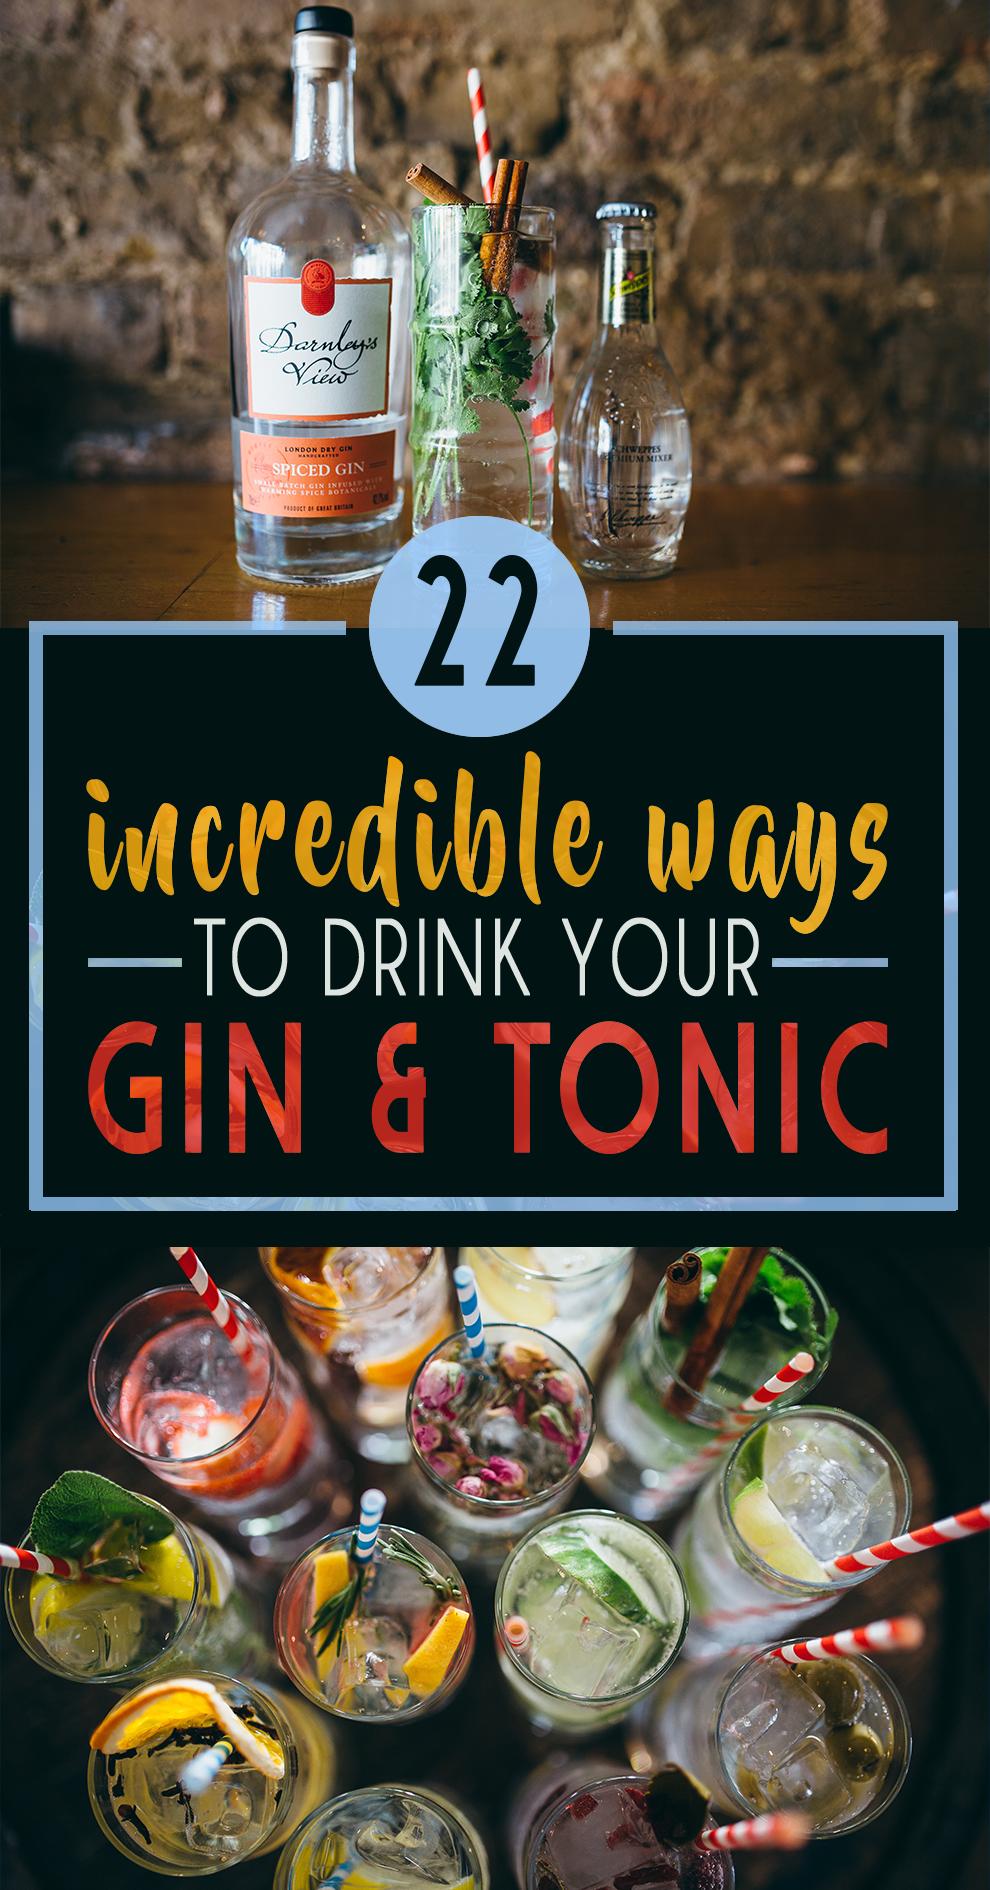 Coffee Gin Tonic | Getränke, Cocktail rezepte und Essen trinken